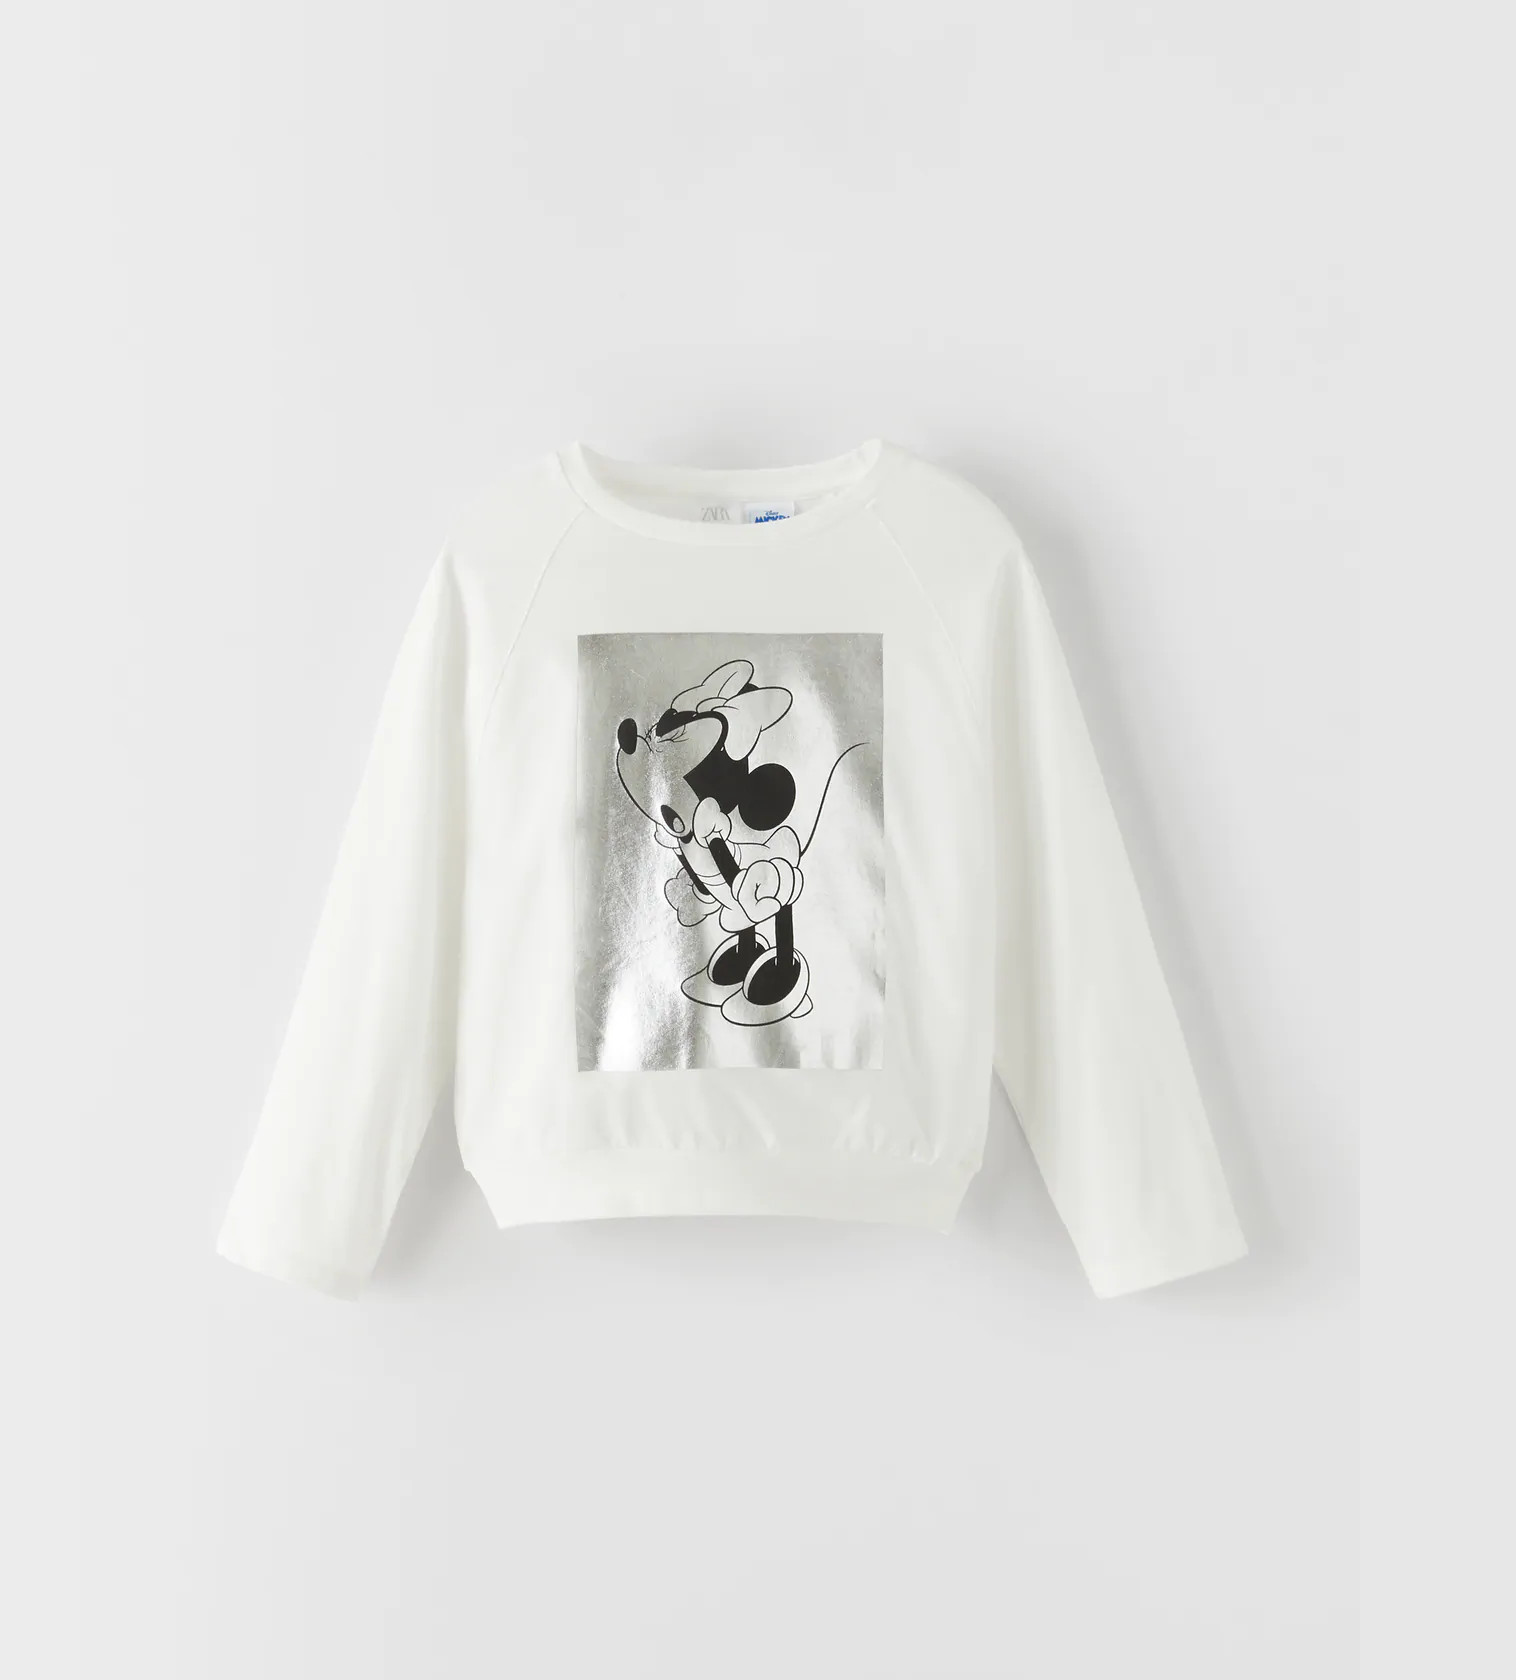 Купити Реглан Zara з принтом  «МИННИ МАУС» © DISNEY - фото 1